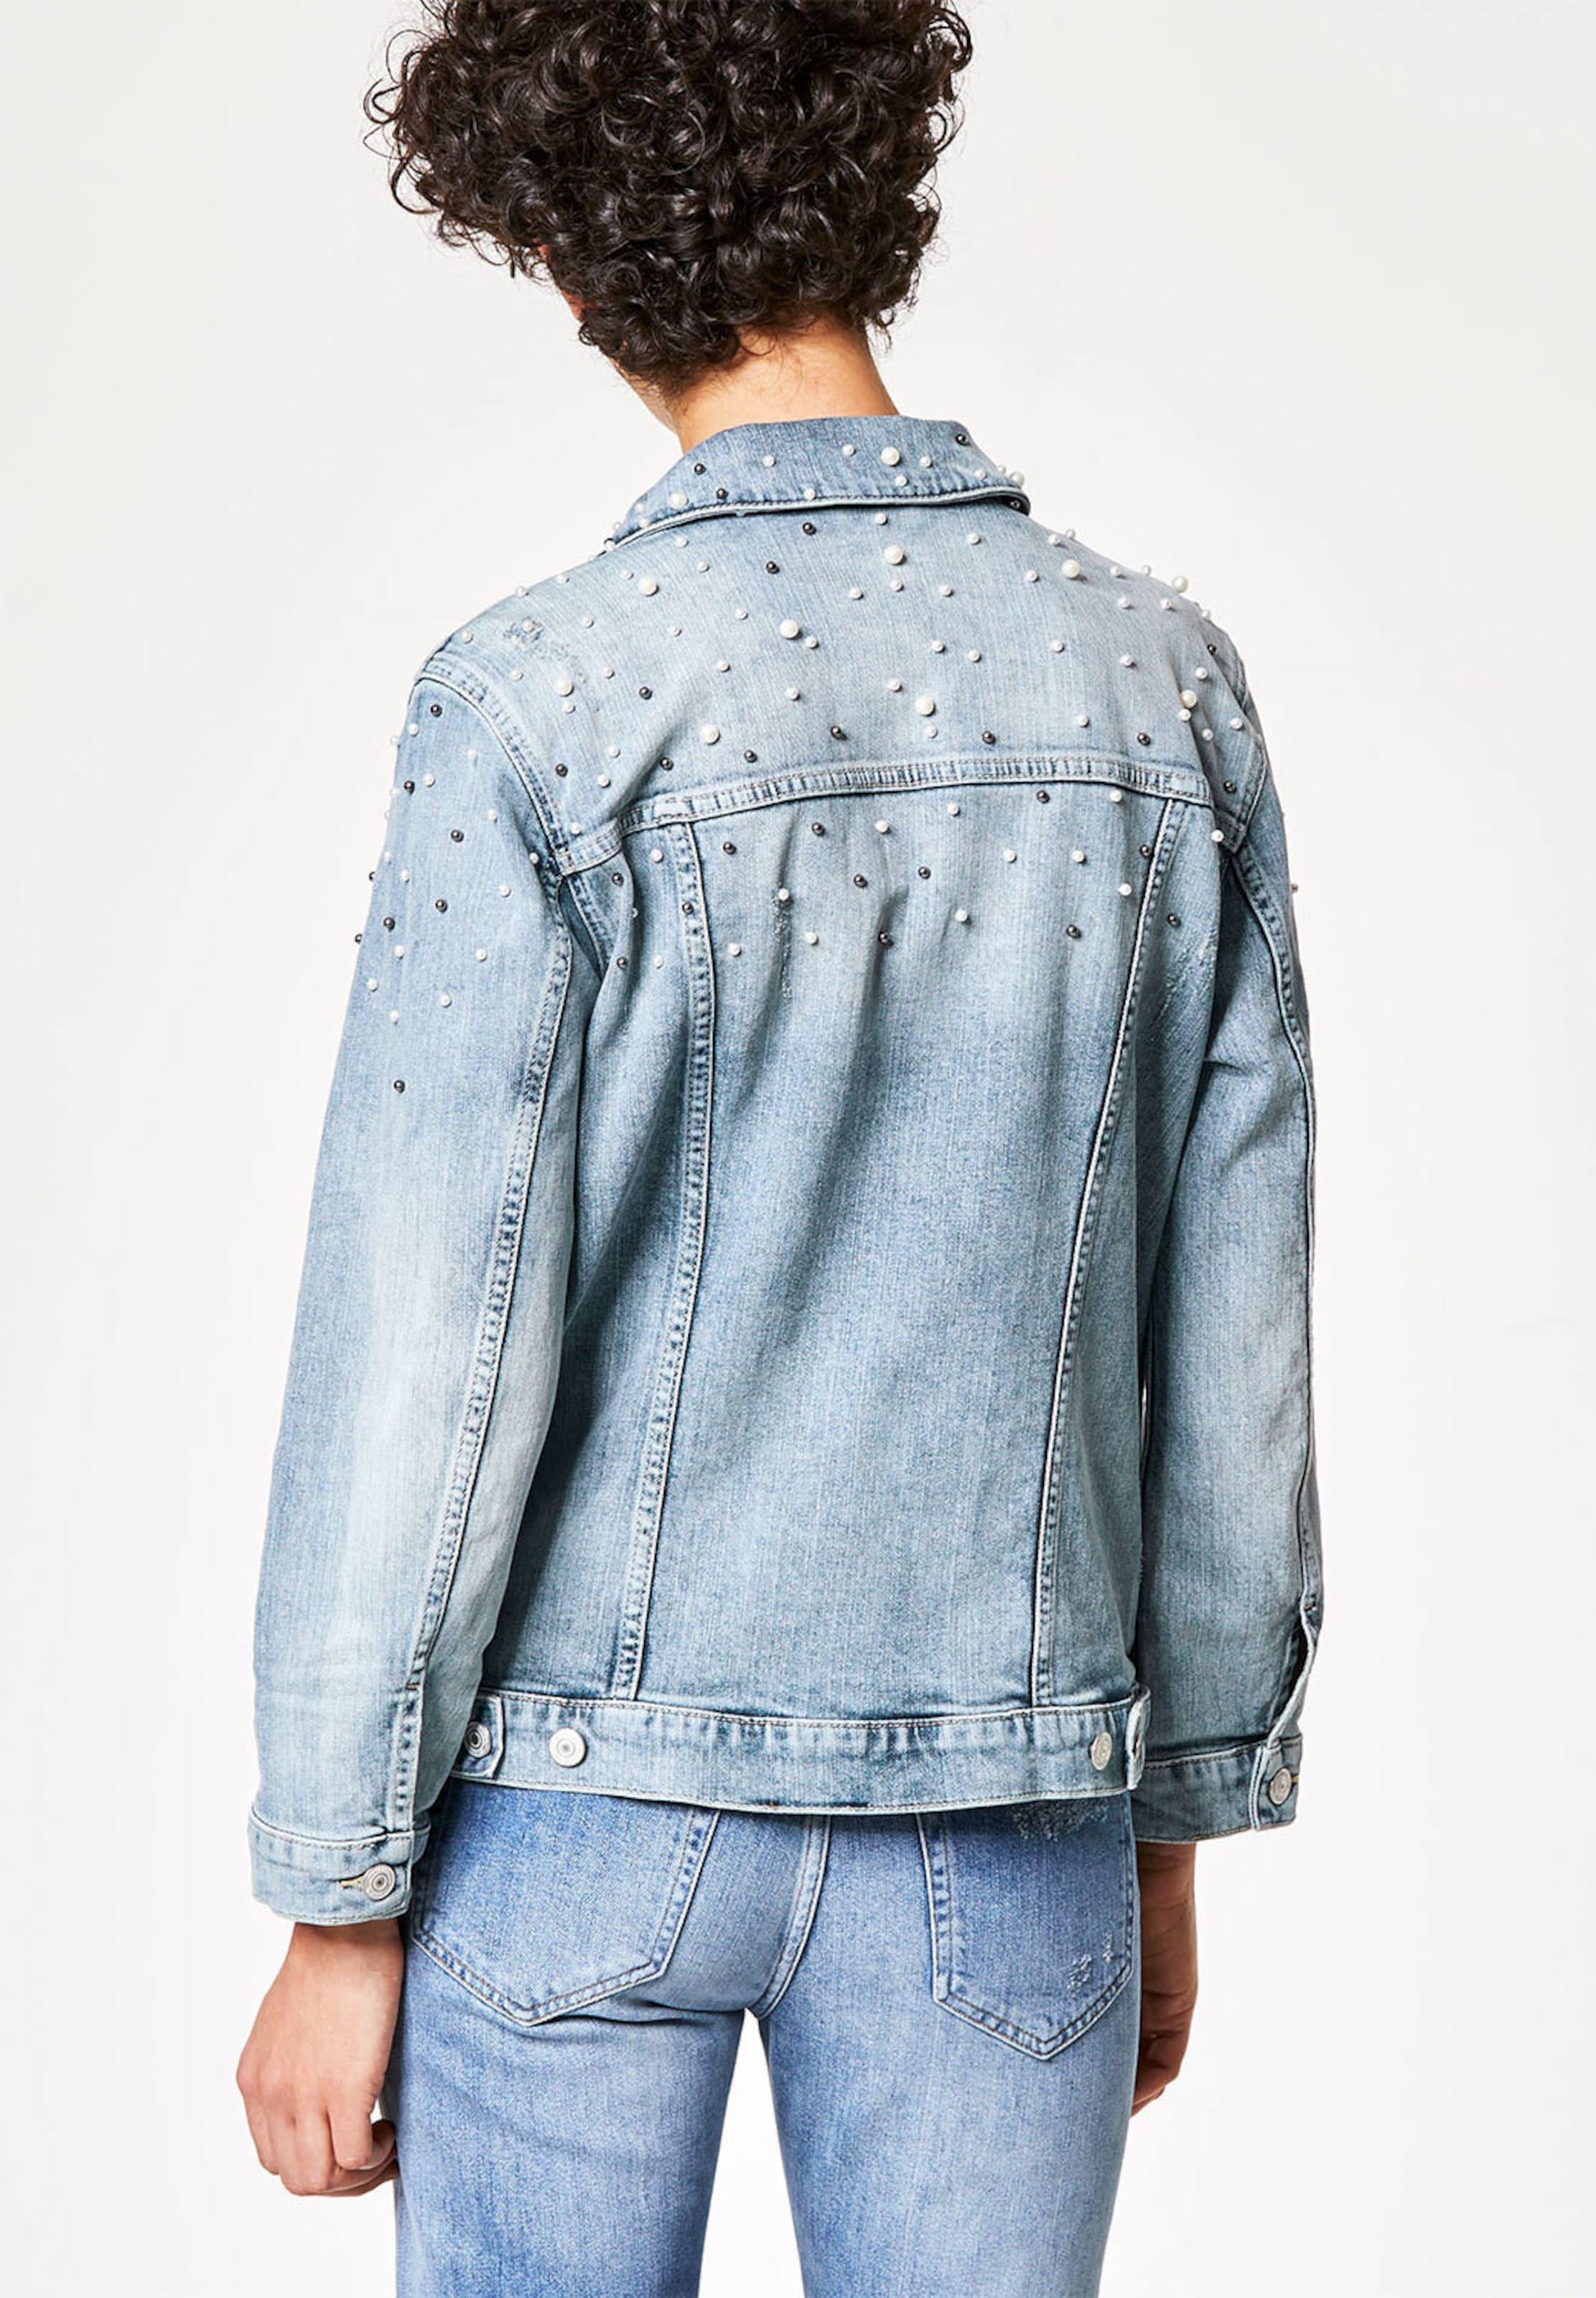 Spitzenreiter Rabatt Manchester HALLHUBER Jeansjacke mit Perlenverzierungen  Verkaufsschlager eEIcqnJLvg